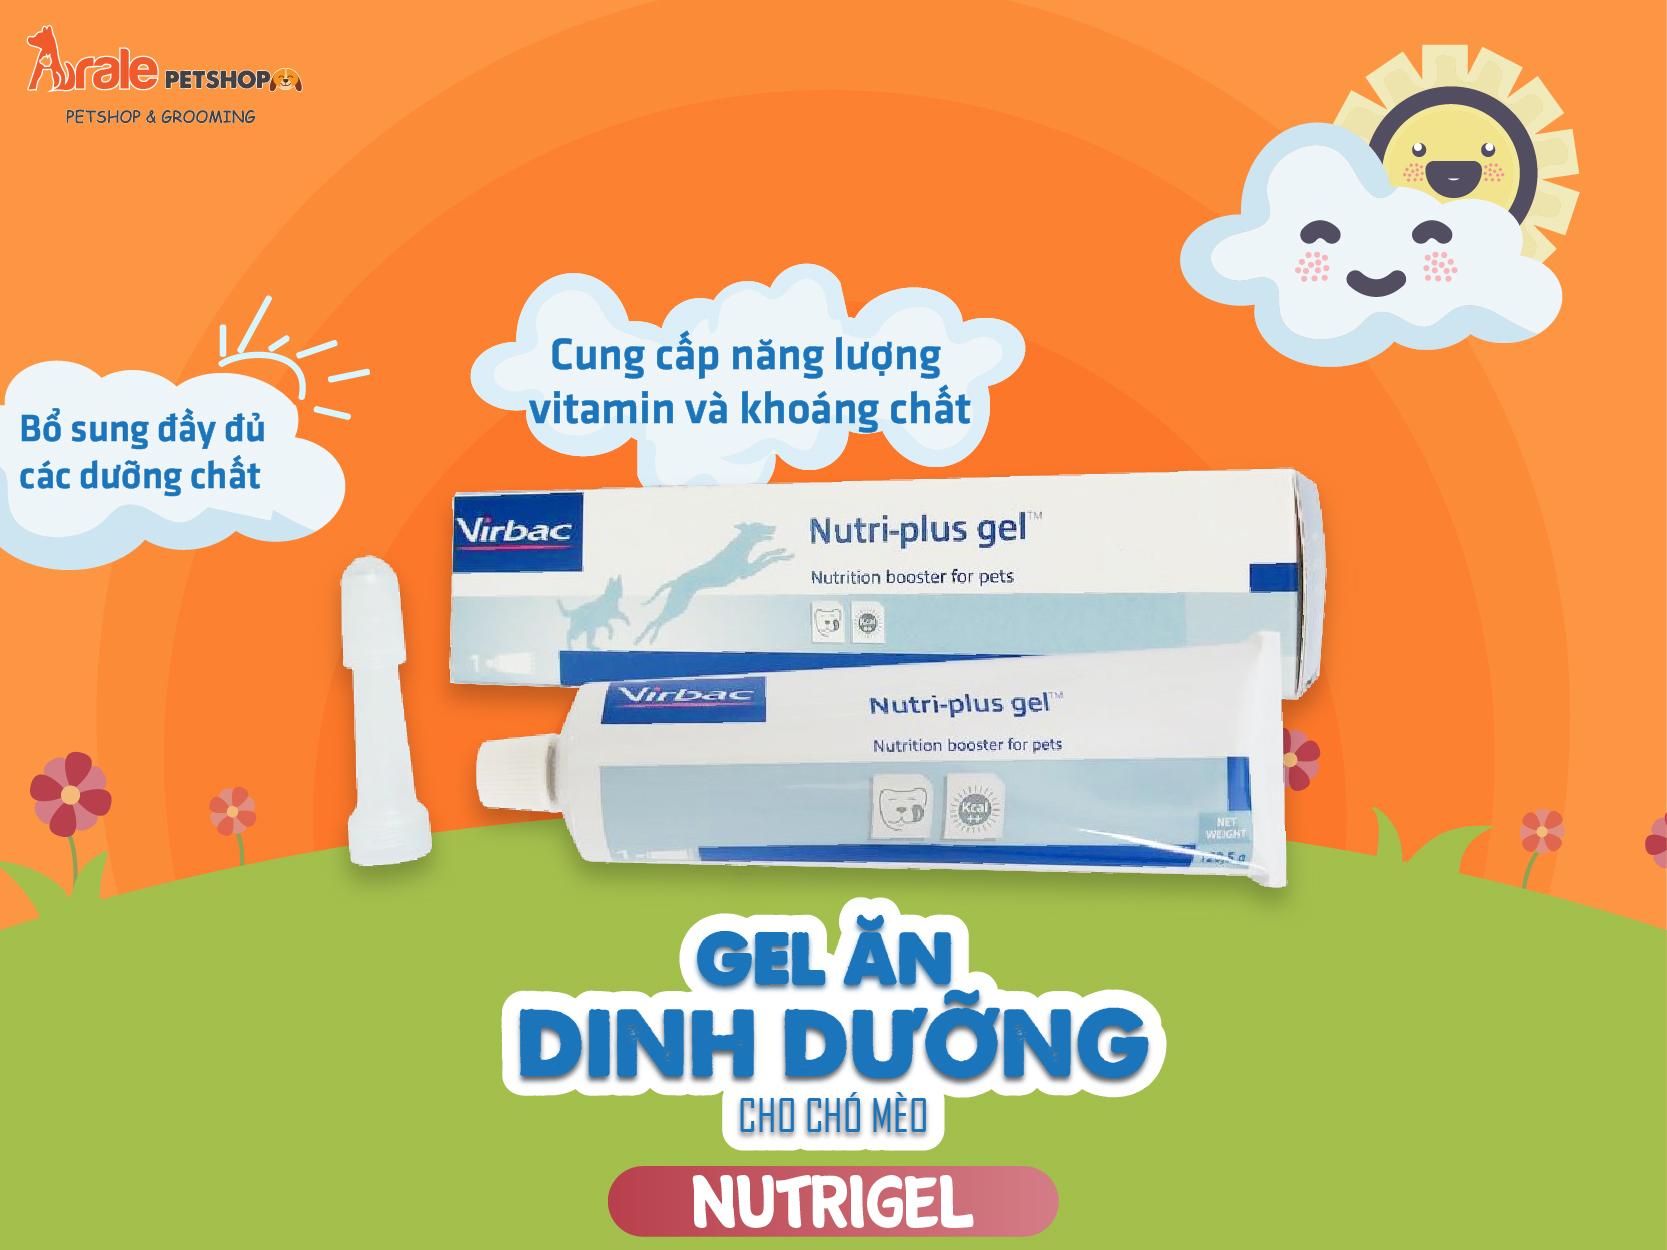 GEL ĂN DINH DƯỠNG CHO CHÓ MÈO - NUTRIGEL là loại gel dinh dưỡng cho chó phổ biến nhất trên thị trường hiện nay. Sản phẩm được sản xuất bởi hãng thuốc thú y Virbac nổi tiếng của nước Pháp.